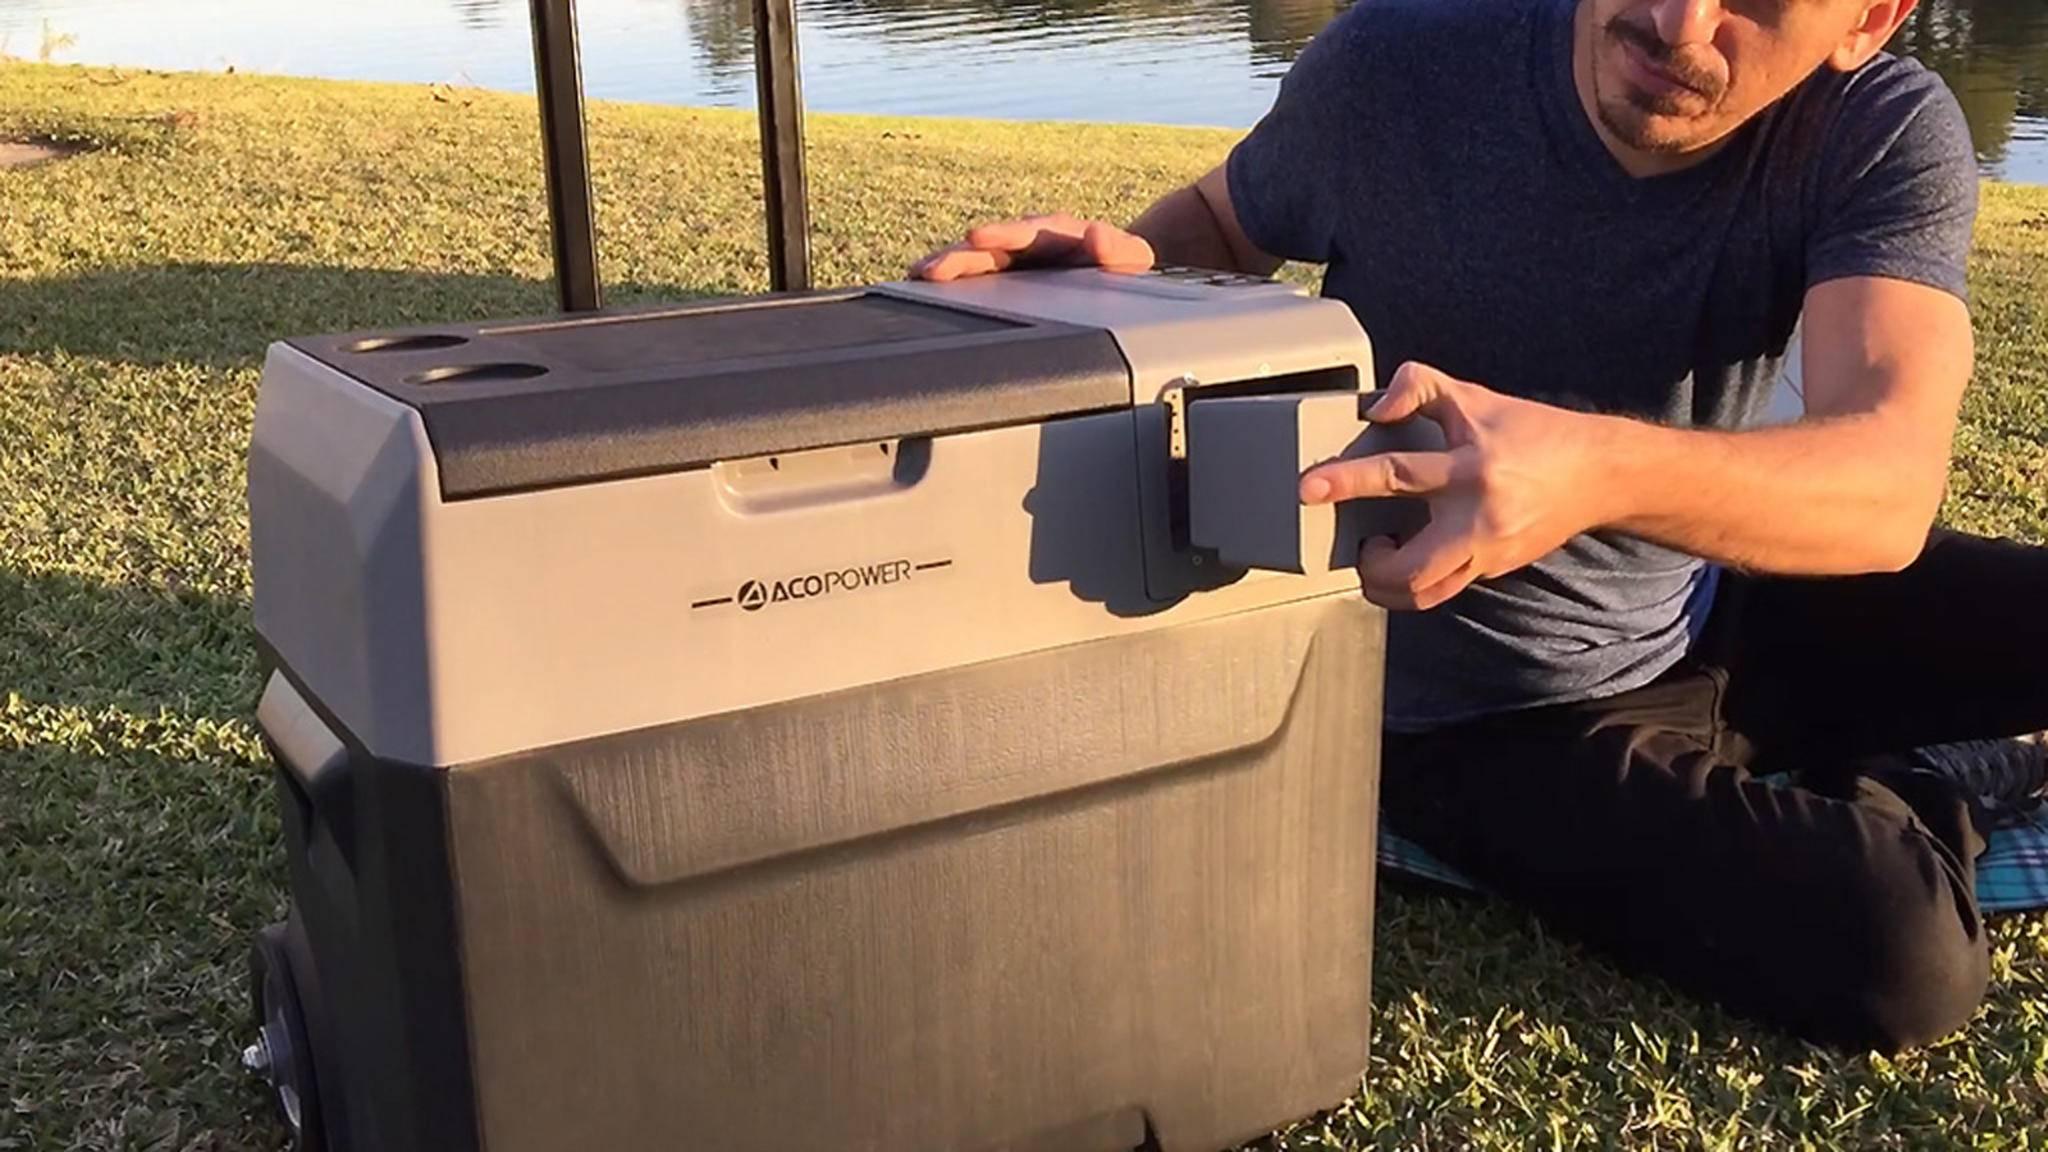 Moderne Kühlboxen wie das Modell LionCooler setzen zunehmend auf umweltfreundliche Technologien wie Solarenergie.